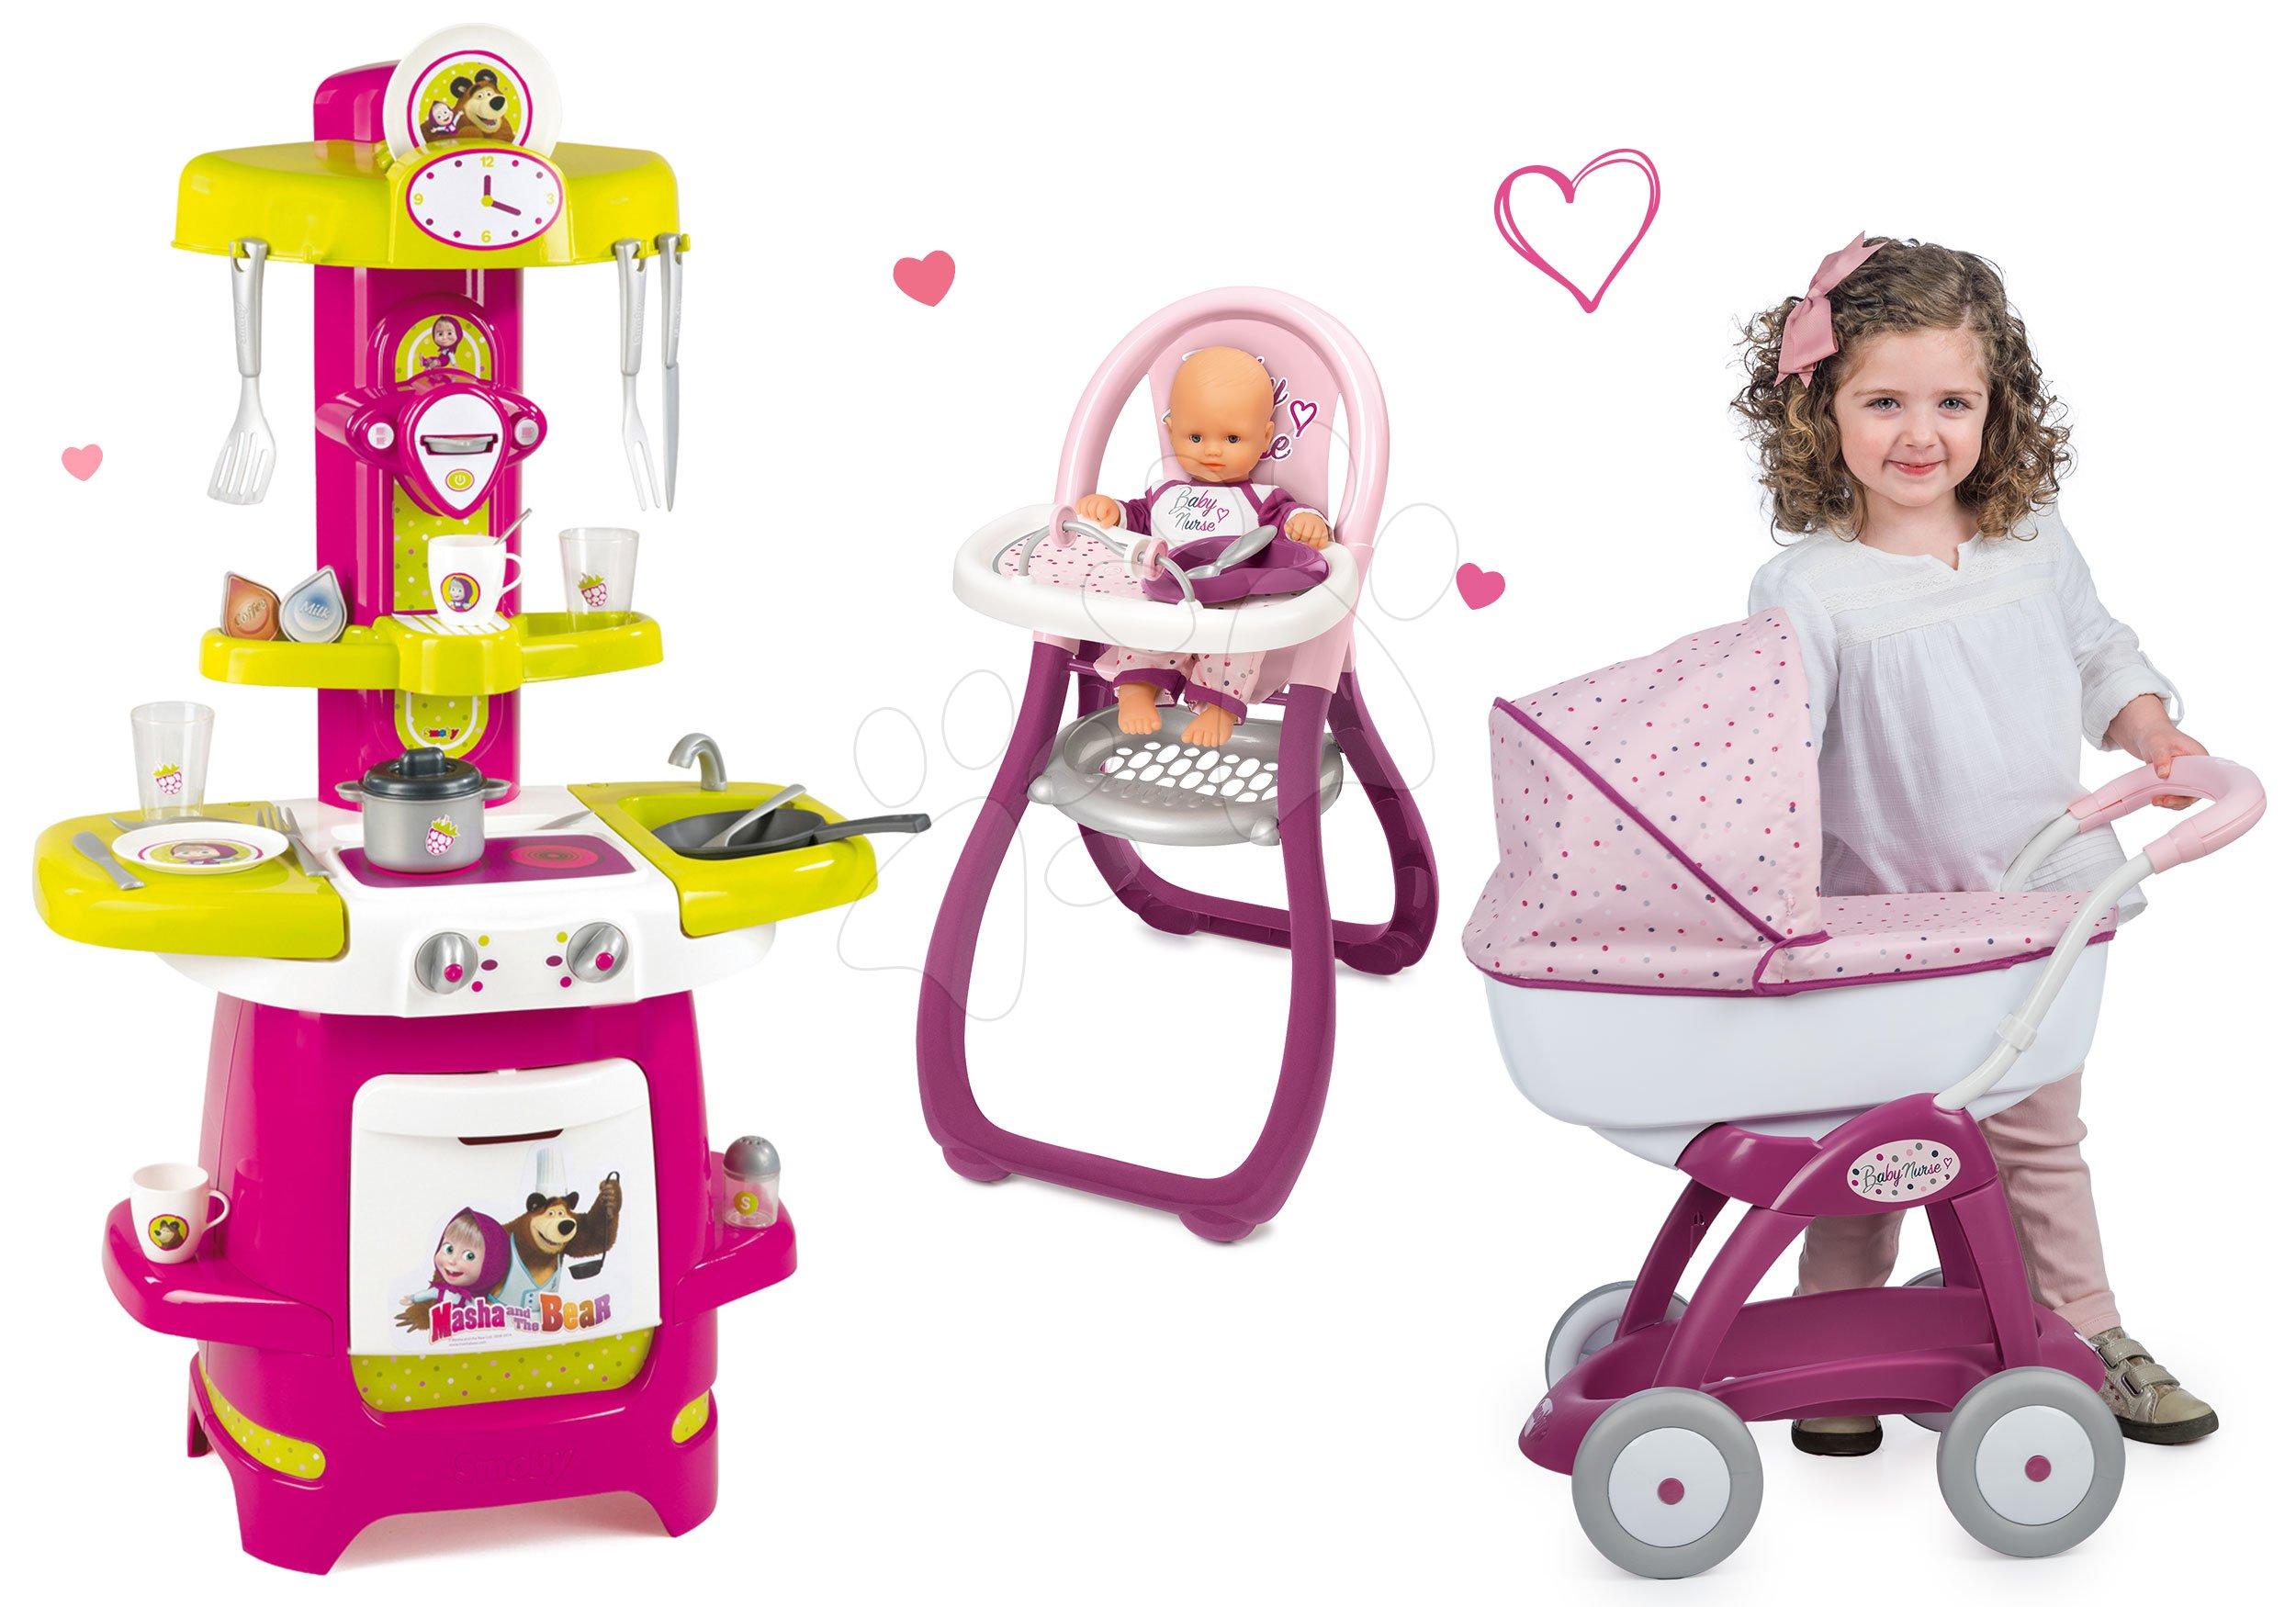 Smoby kočiarik pre bábiku, detská kuchynka a stolička Máša a medveď 254101-2